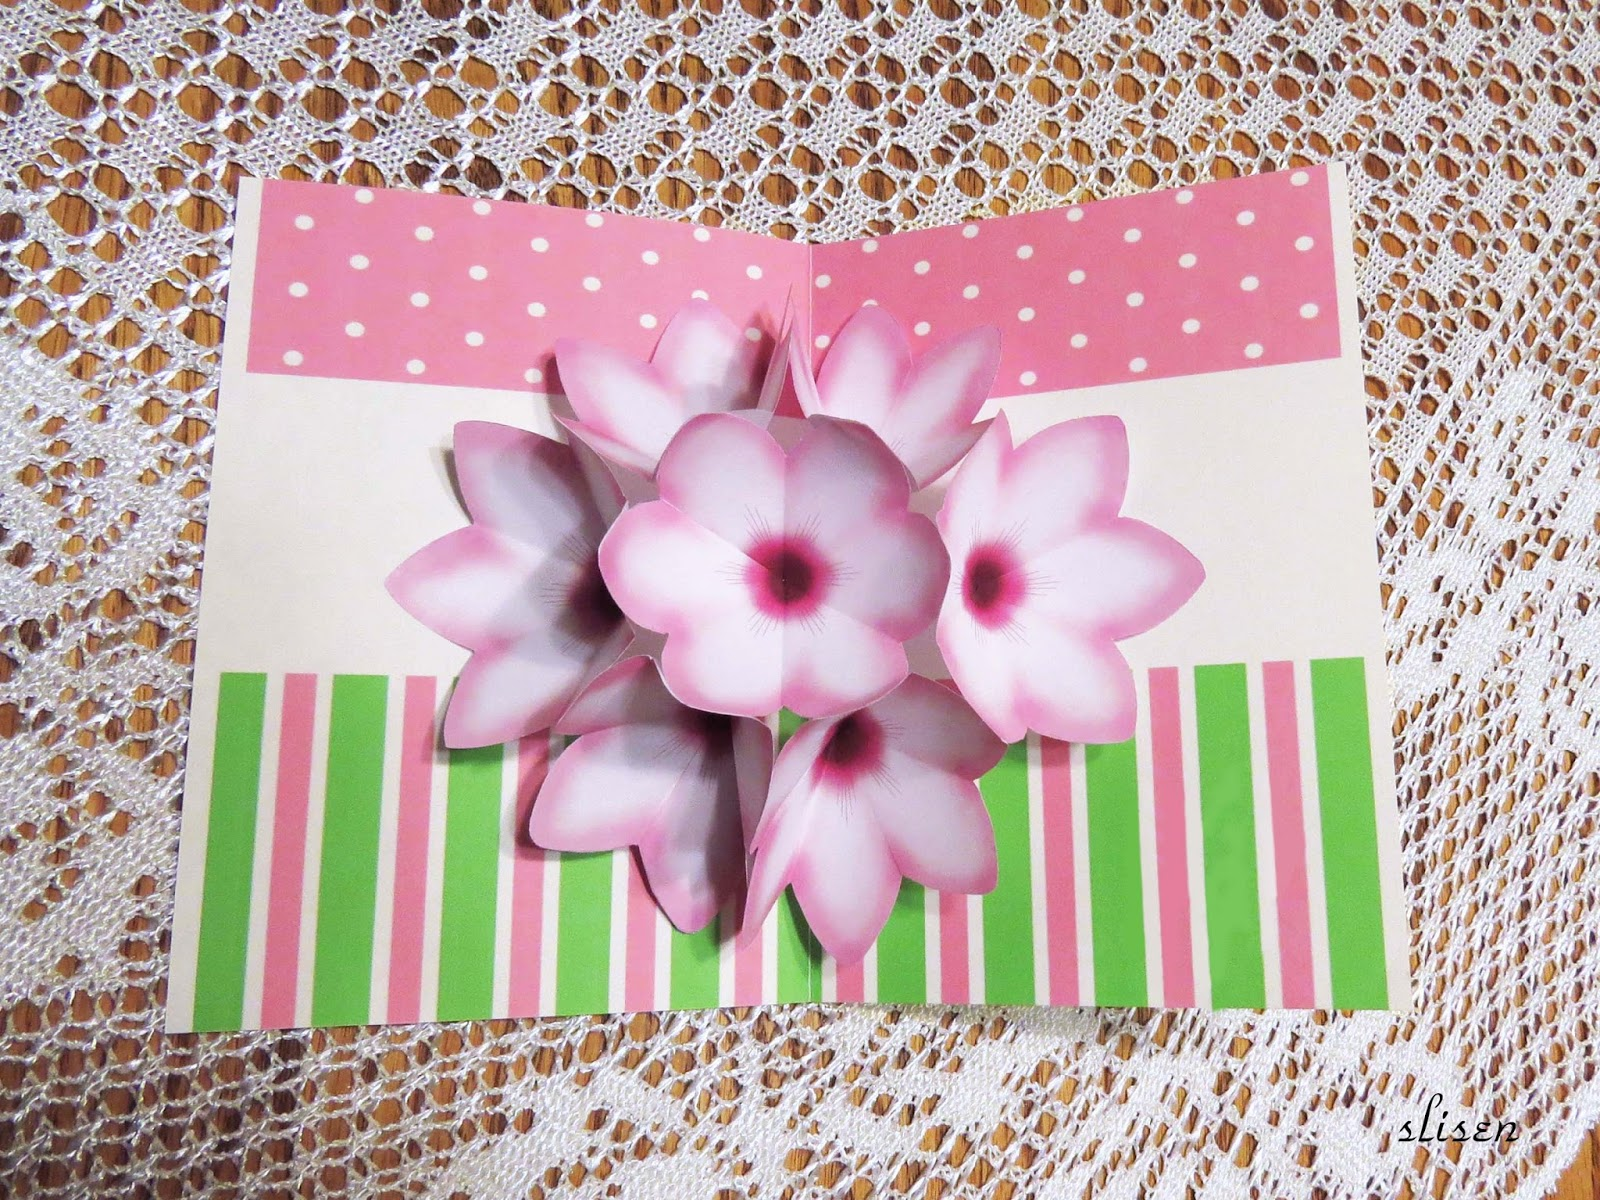 Slisens Happy Place Pop Up Flowers